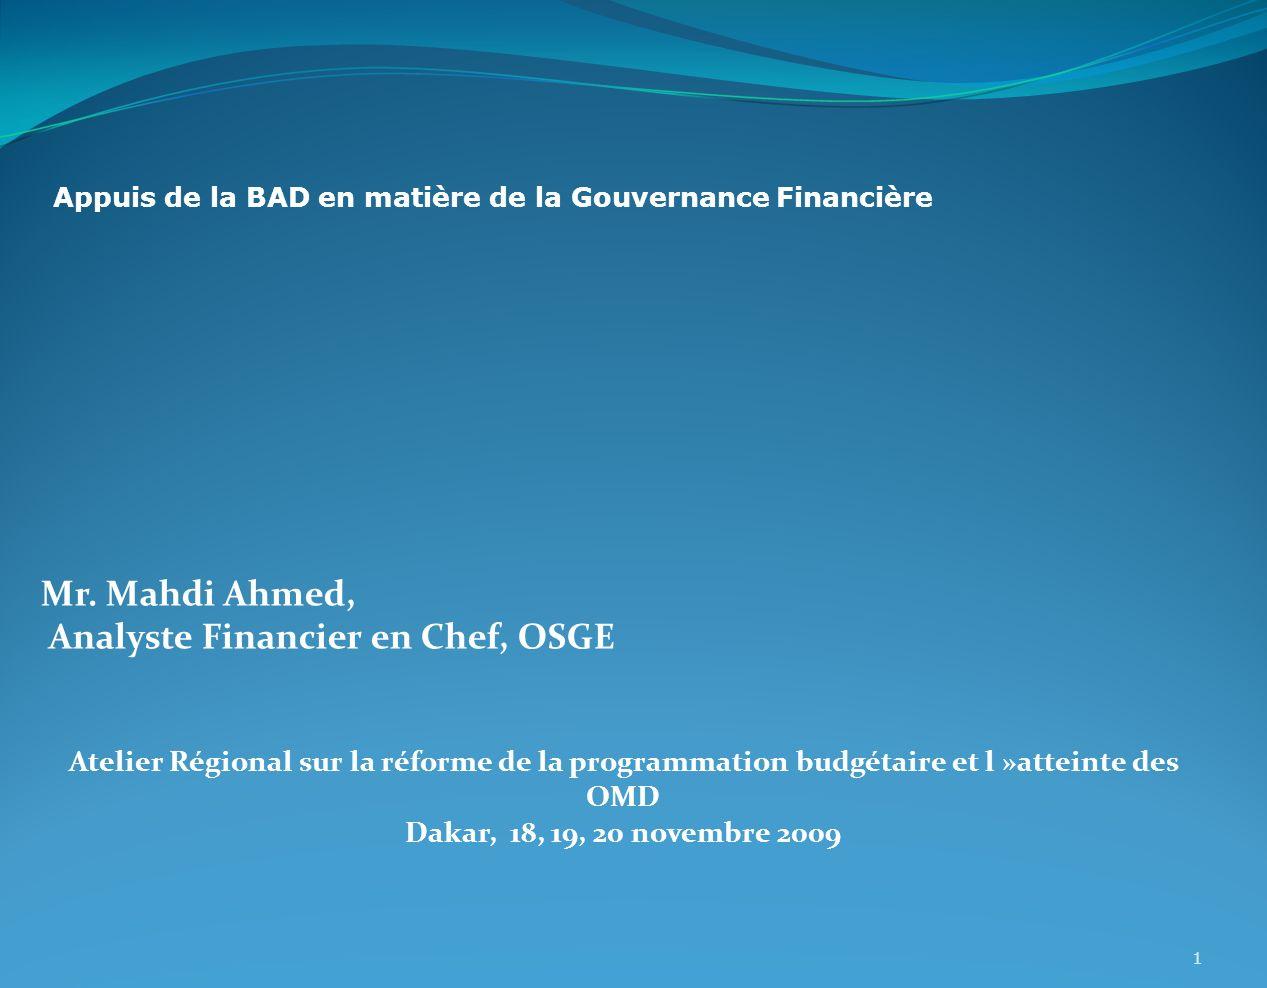 Appui aux réformes : Burkina Fasso Composante : renforcement de la gouvernance financière et cadre fiduciaire 12 ContextedéfisMesures prises par le Gvt Mesures soutenues Résultats attendus Faiblesse de leffort fiscal (12,5 % du PIB en 2007) Augmenter la pression fiscale à 17 % du PIB (norme UEMOA) Adoption et mise en œuvre de la stratégie de renforcement des finances publiques, Développement du circuit intégré de suivi des recettes ….